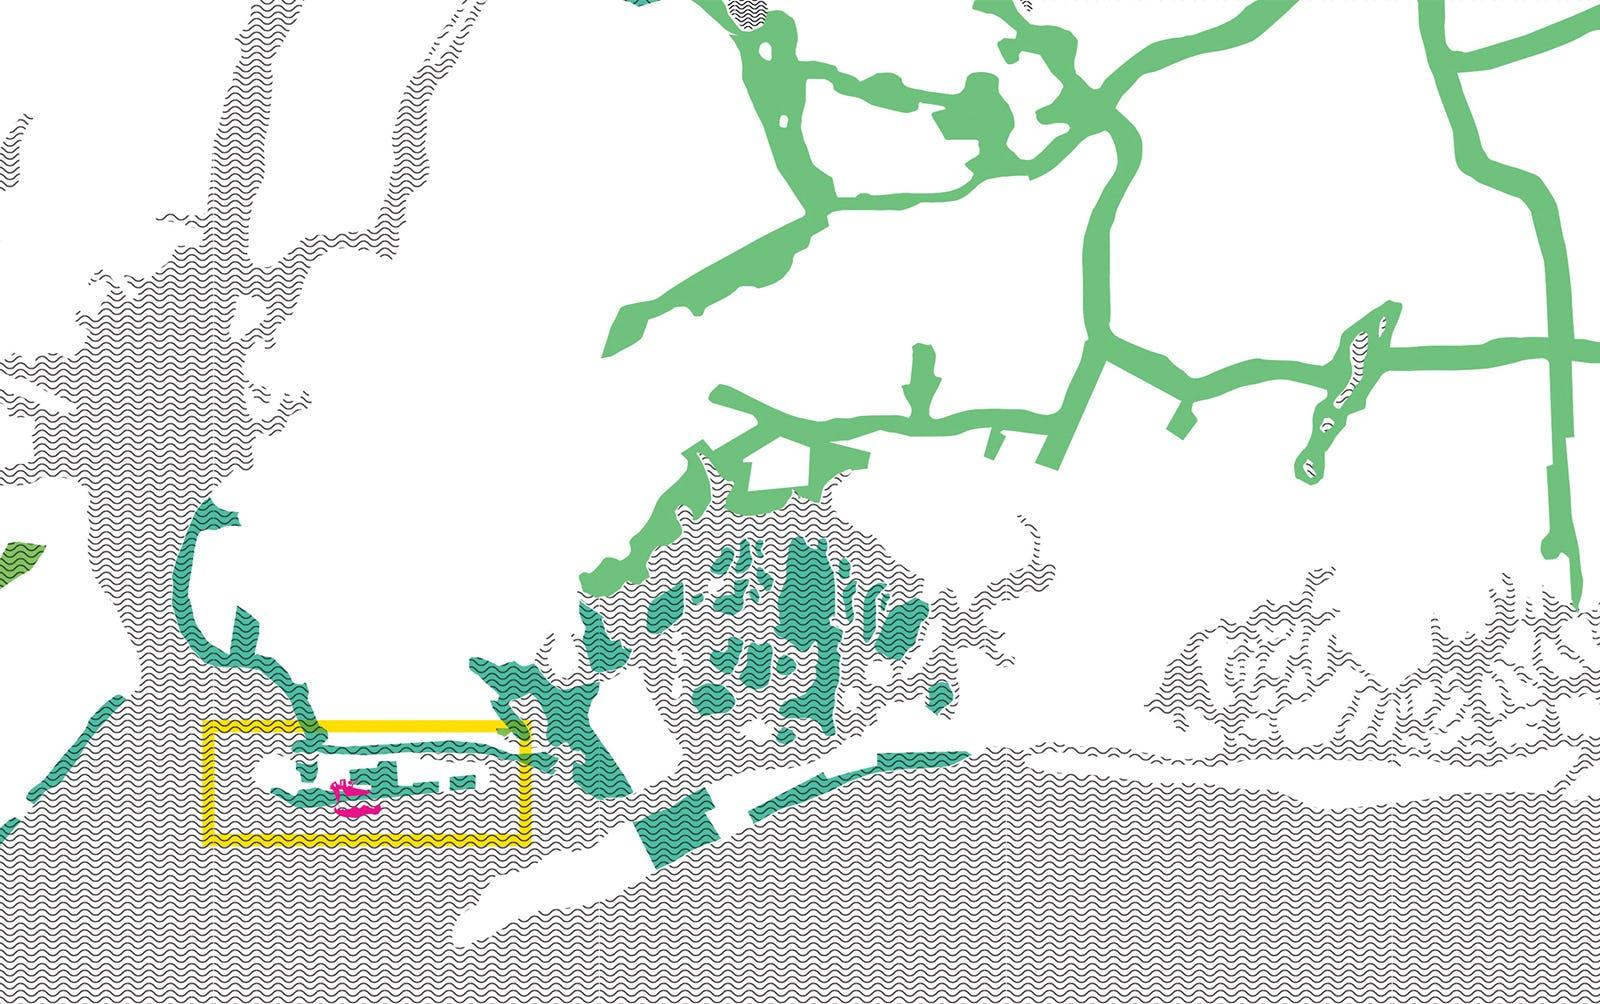 535b43d7 ab9b 464a a053 ddfde3240c3c%2fbryanmaddock coney newyork